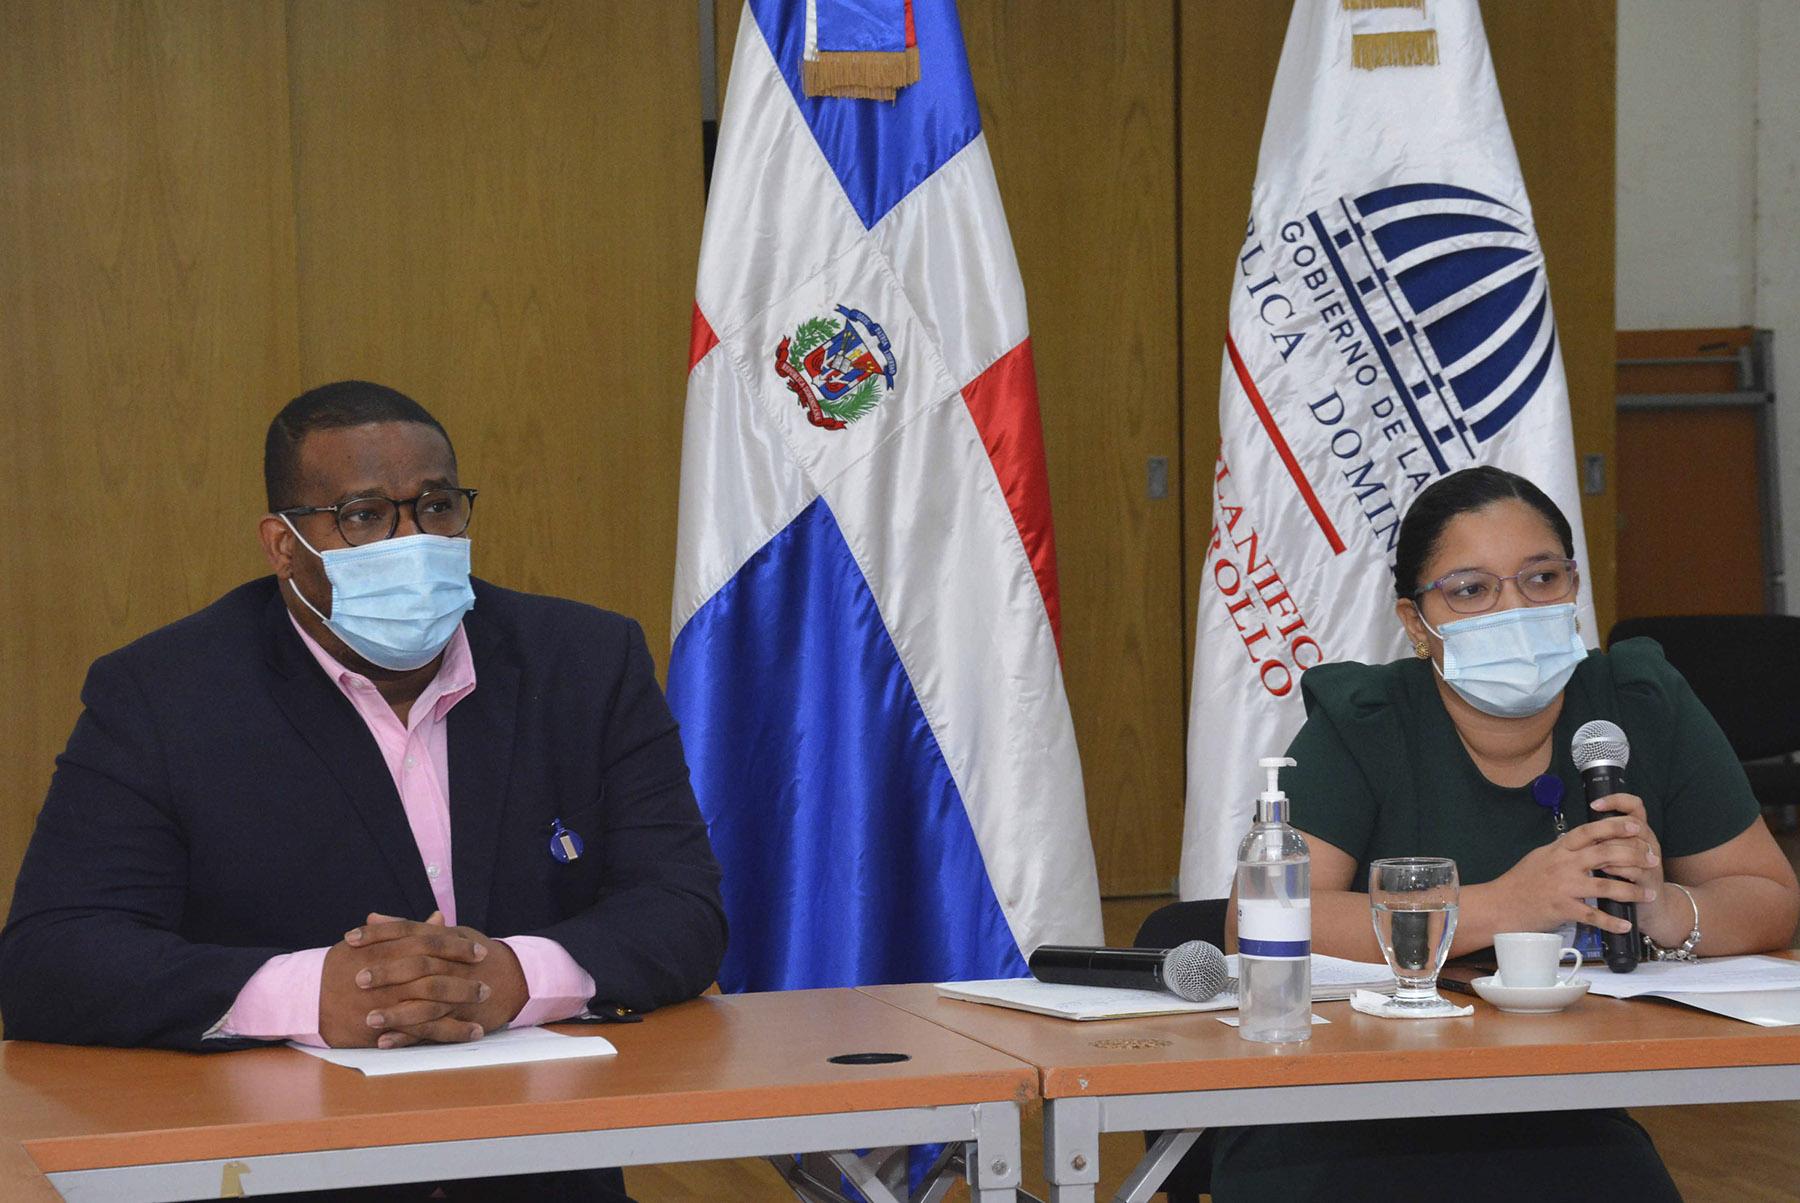 La encargada de la división de fortalecimiento institucional del CASFL, Emely Tejeda y el asesor Francisco Leonardo encabezaron el encuentro con las ASFL adscritas a fundaciones de educación superior y universidades.